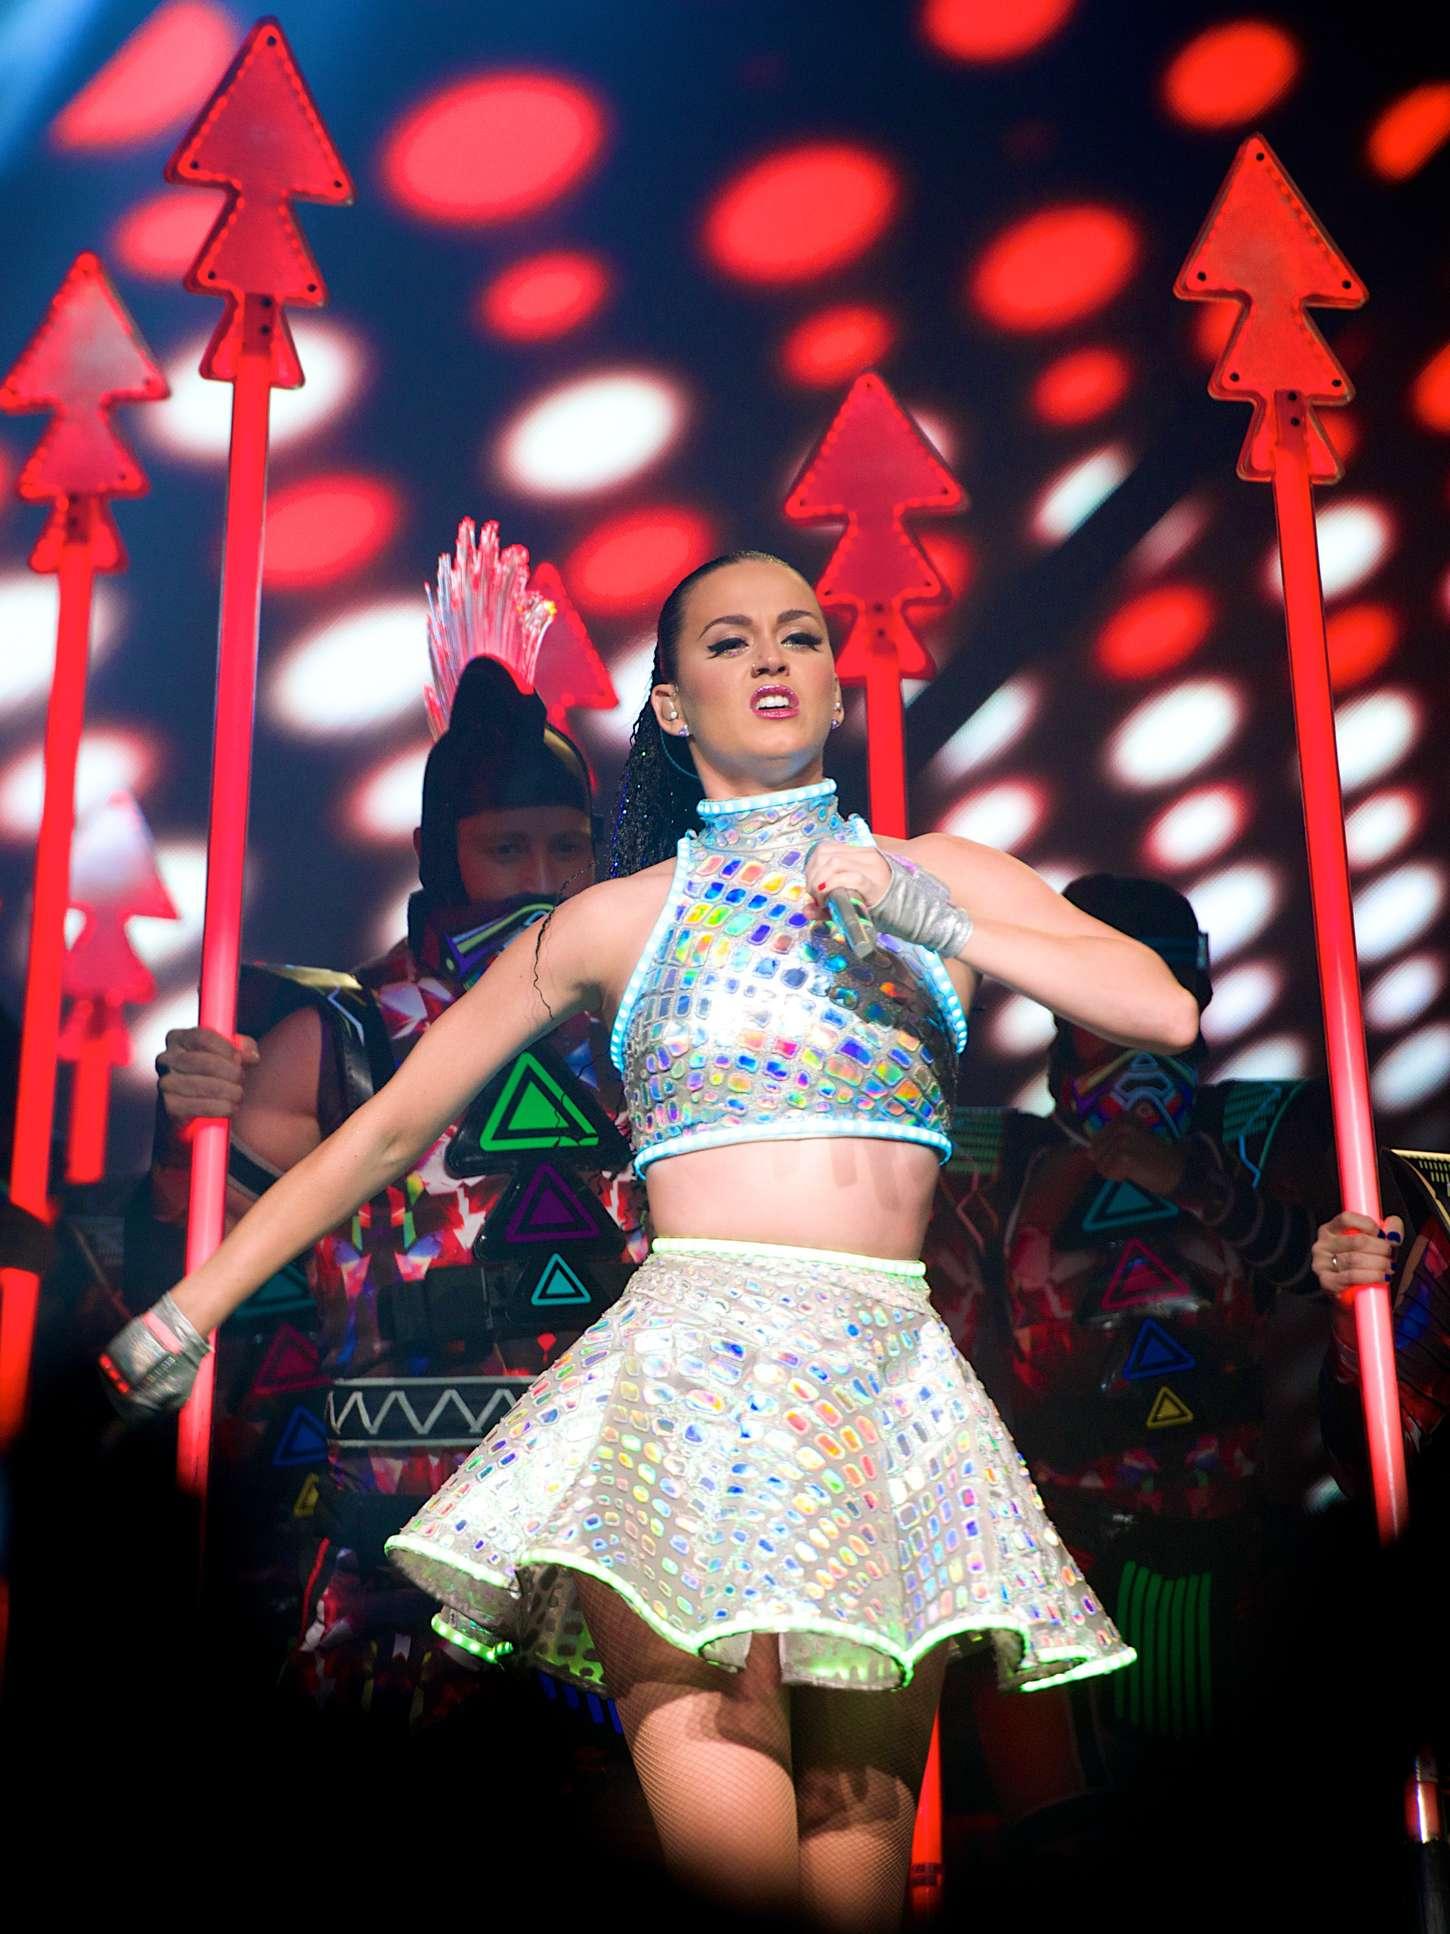 Katy Perry Tour Prismatic